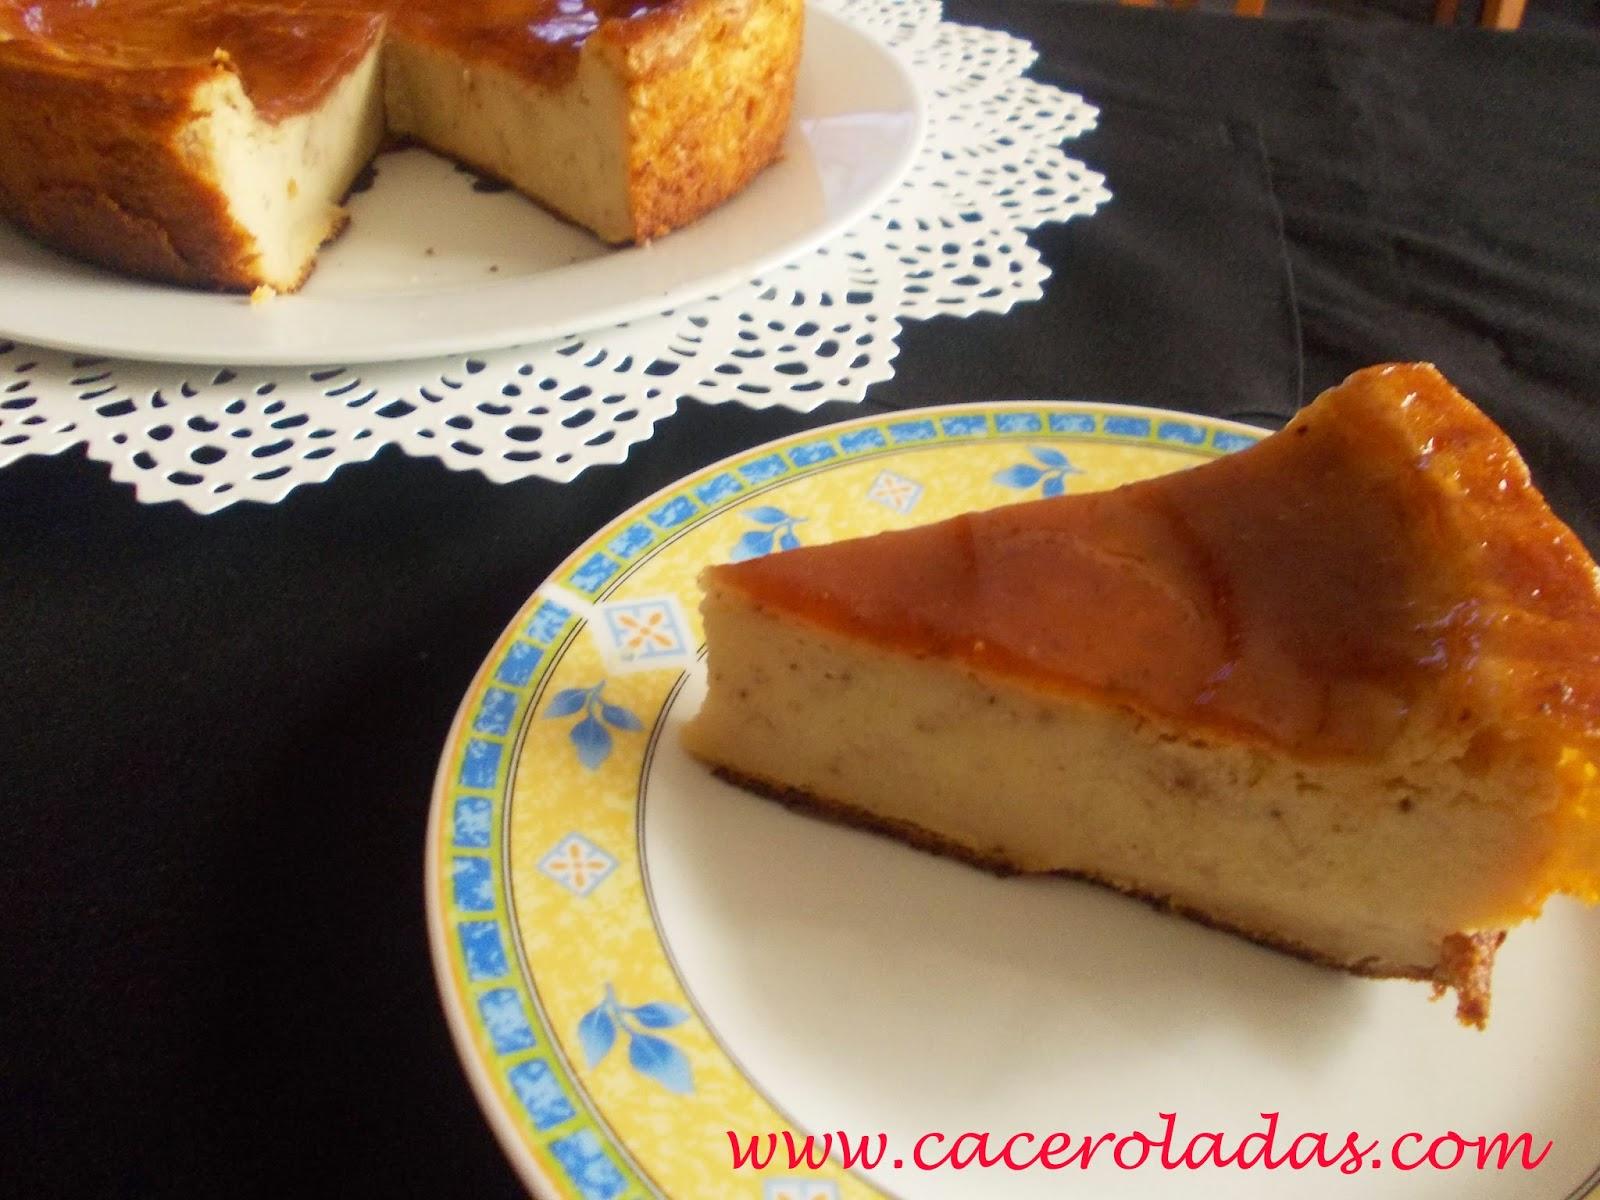 Tarta de queso con estracciatella